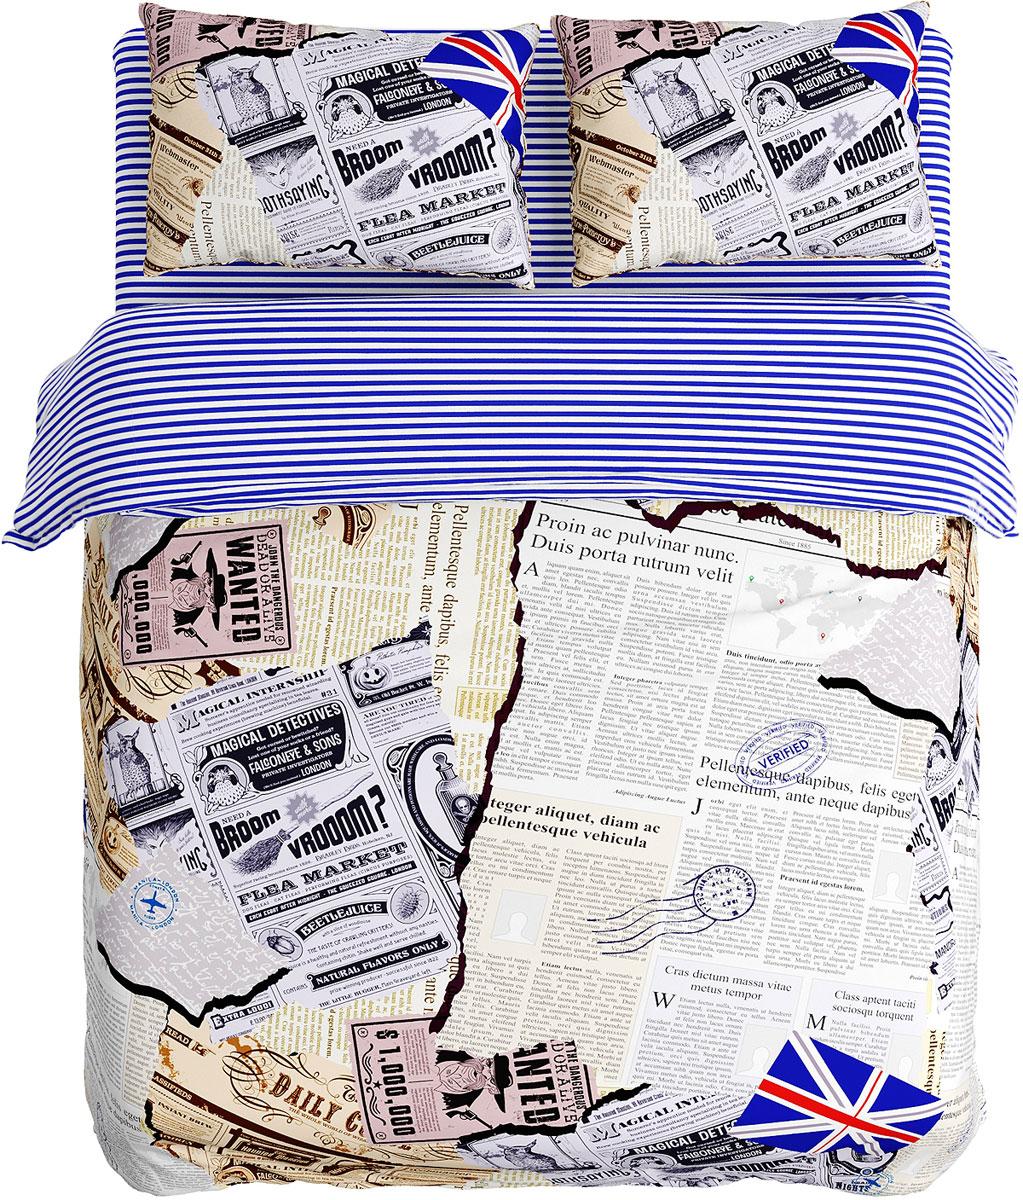 Комплект белья Сирень Вырезки, 1,5-спальный, наволочки 50x70 смКПБМ-10433Комплект постельного белья Сирень выполнен из прочной и мягкой ткани. Четкий и стильный рисунок в сочетании с насыщенными красками делают комплект постельного белья неповторимой изюминкой любого интерьера. Постельное белье идеально подойдет для подарка. Идеальное соотношение смешенной ткани и гипоаллергенных красок это гарантия здорового, спокойного сна.Ткань хорошо впитывает влагу, надолго сохраняет яркость красок. Цвет простыни, пододеяльника, наволочки в комплектации может немного отличаться от представленного на фото.В комплект входят: простыня - 150х220см; пододельяник 145х210 см; наволочка - 50х70х2шт.Постельное белье легко стирать при 30-40 градусах, гладить при 150 градусах, не отбеливать. Рекомендуется перед первым использованием постирать.